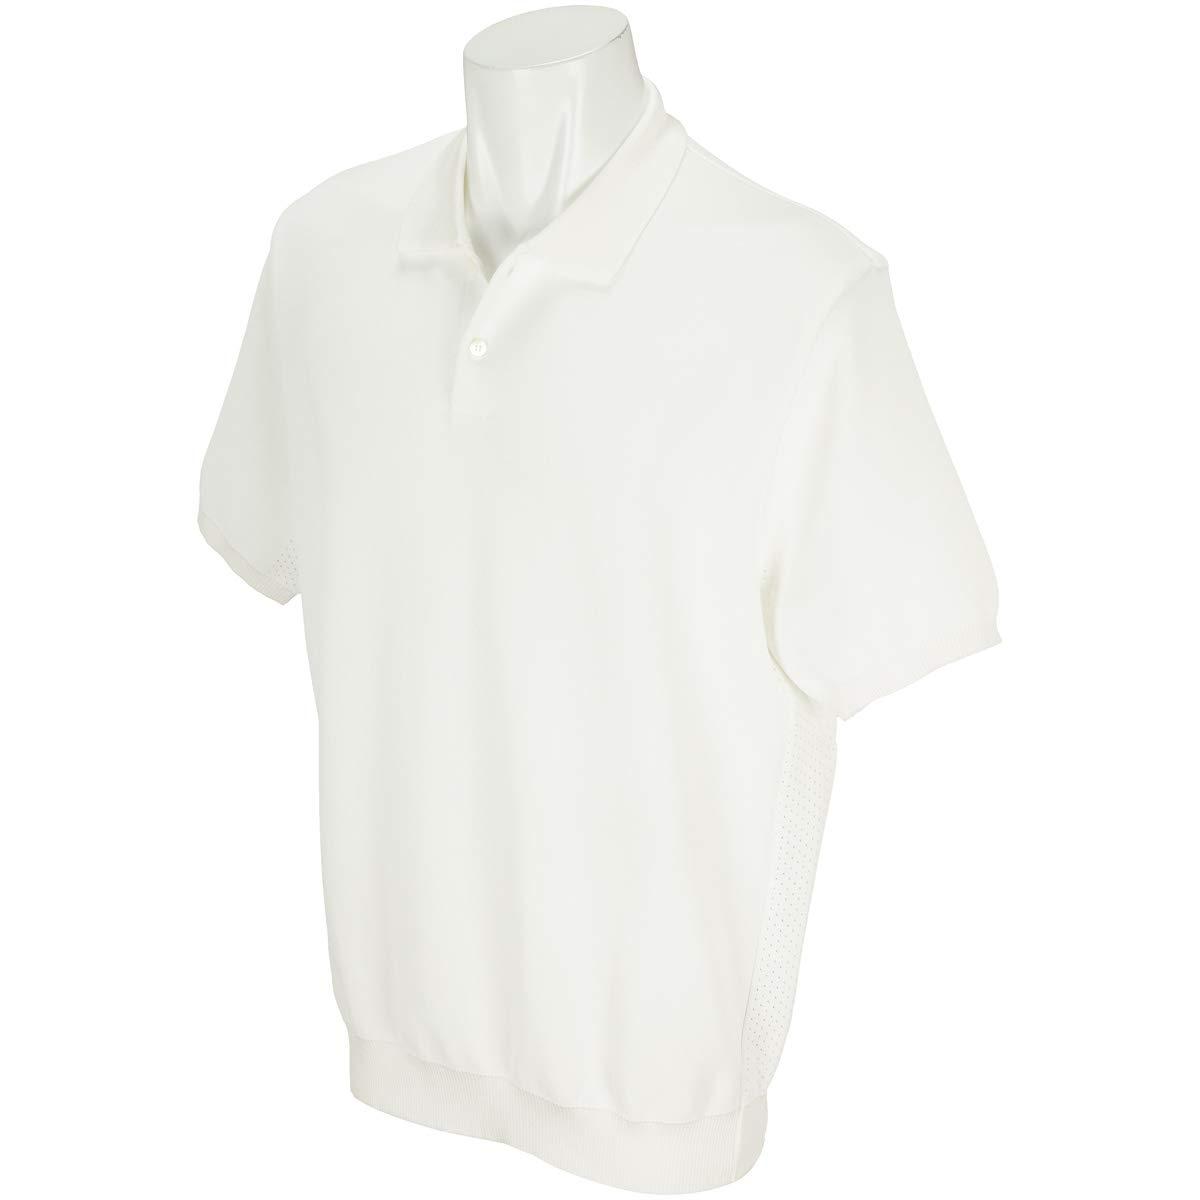 ナノユニバース nanouniverse 半袖シャツポロシャツ TGサイドアイレット撥水ポロニット半袖シャツ M オフホワイト B07SB3MY8W